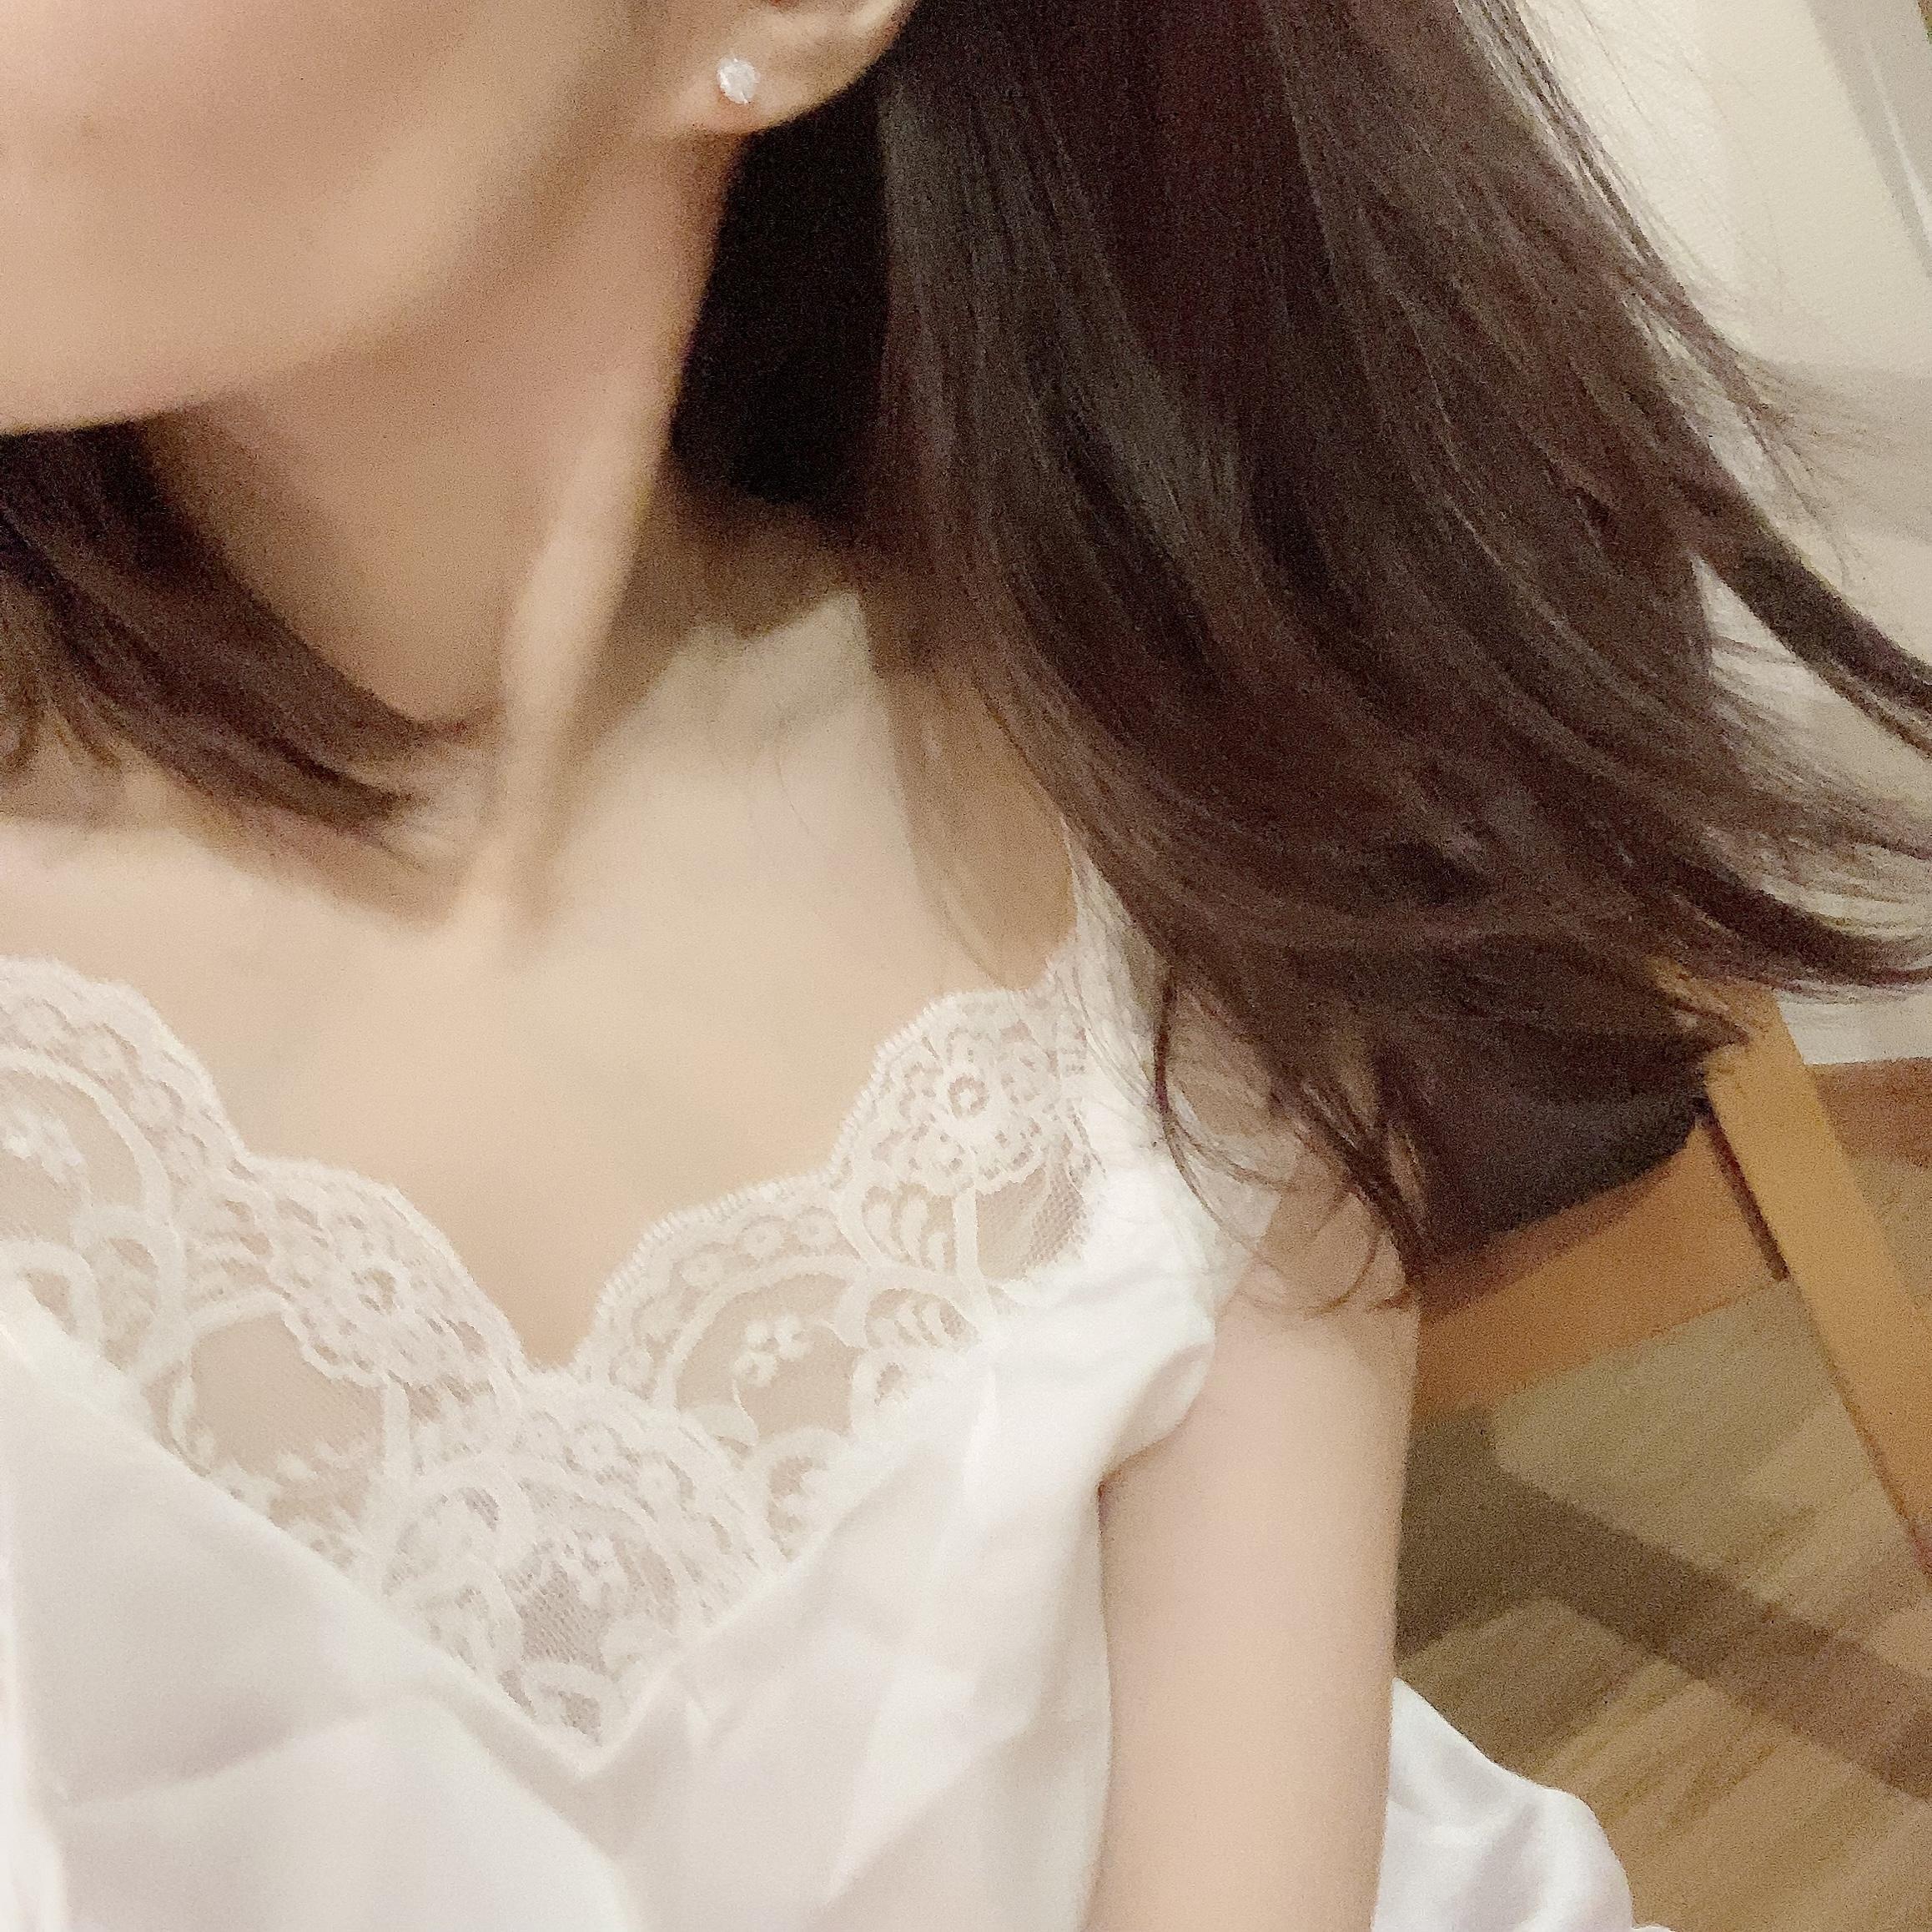 蘭(らん)-DIANA「◟̆◞̆ ❁」01/17(日) 13:31   蘭(らん)-DIANAの写メ・風俗動画